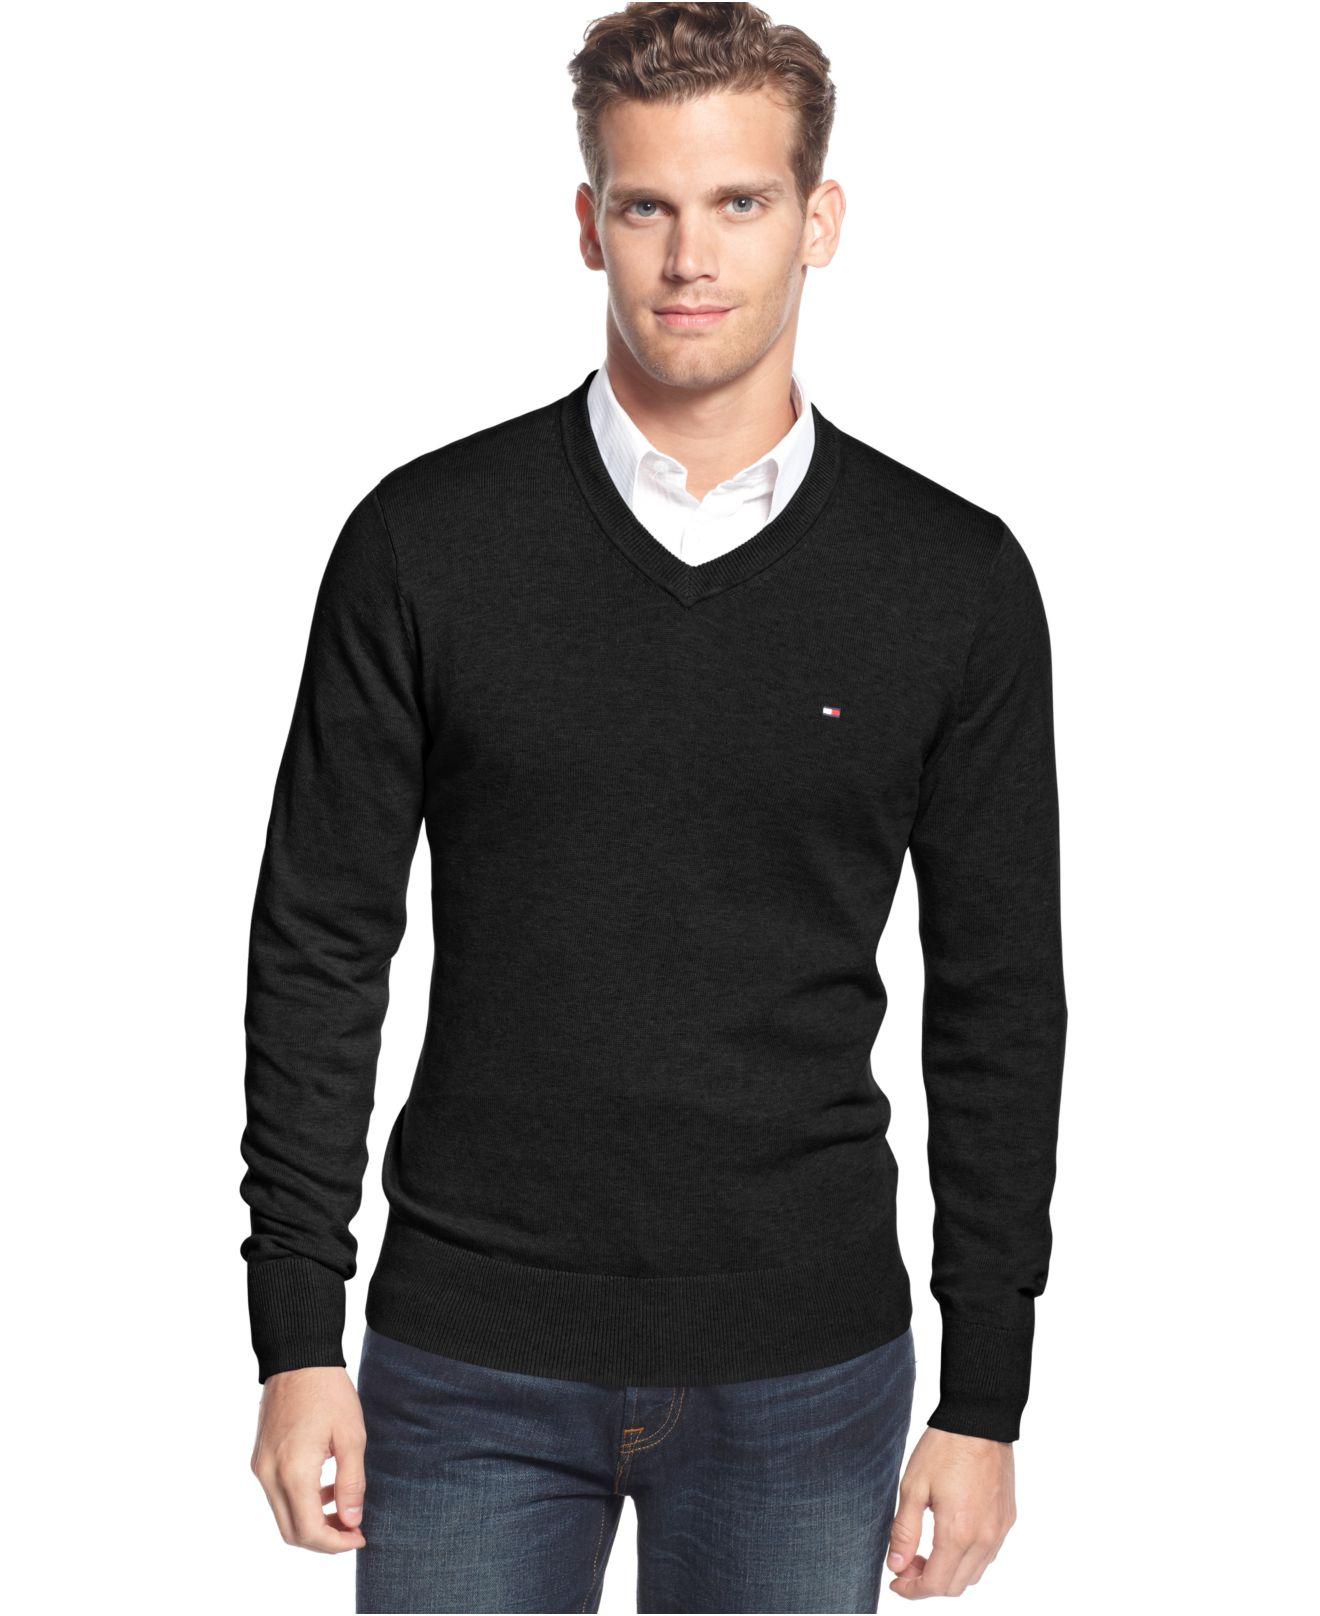 tommy hilfiger signature v neck sweater in black for men